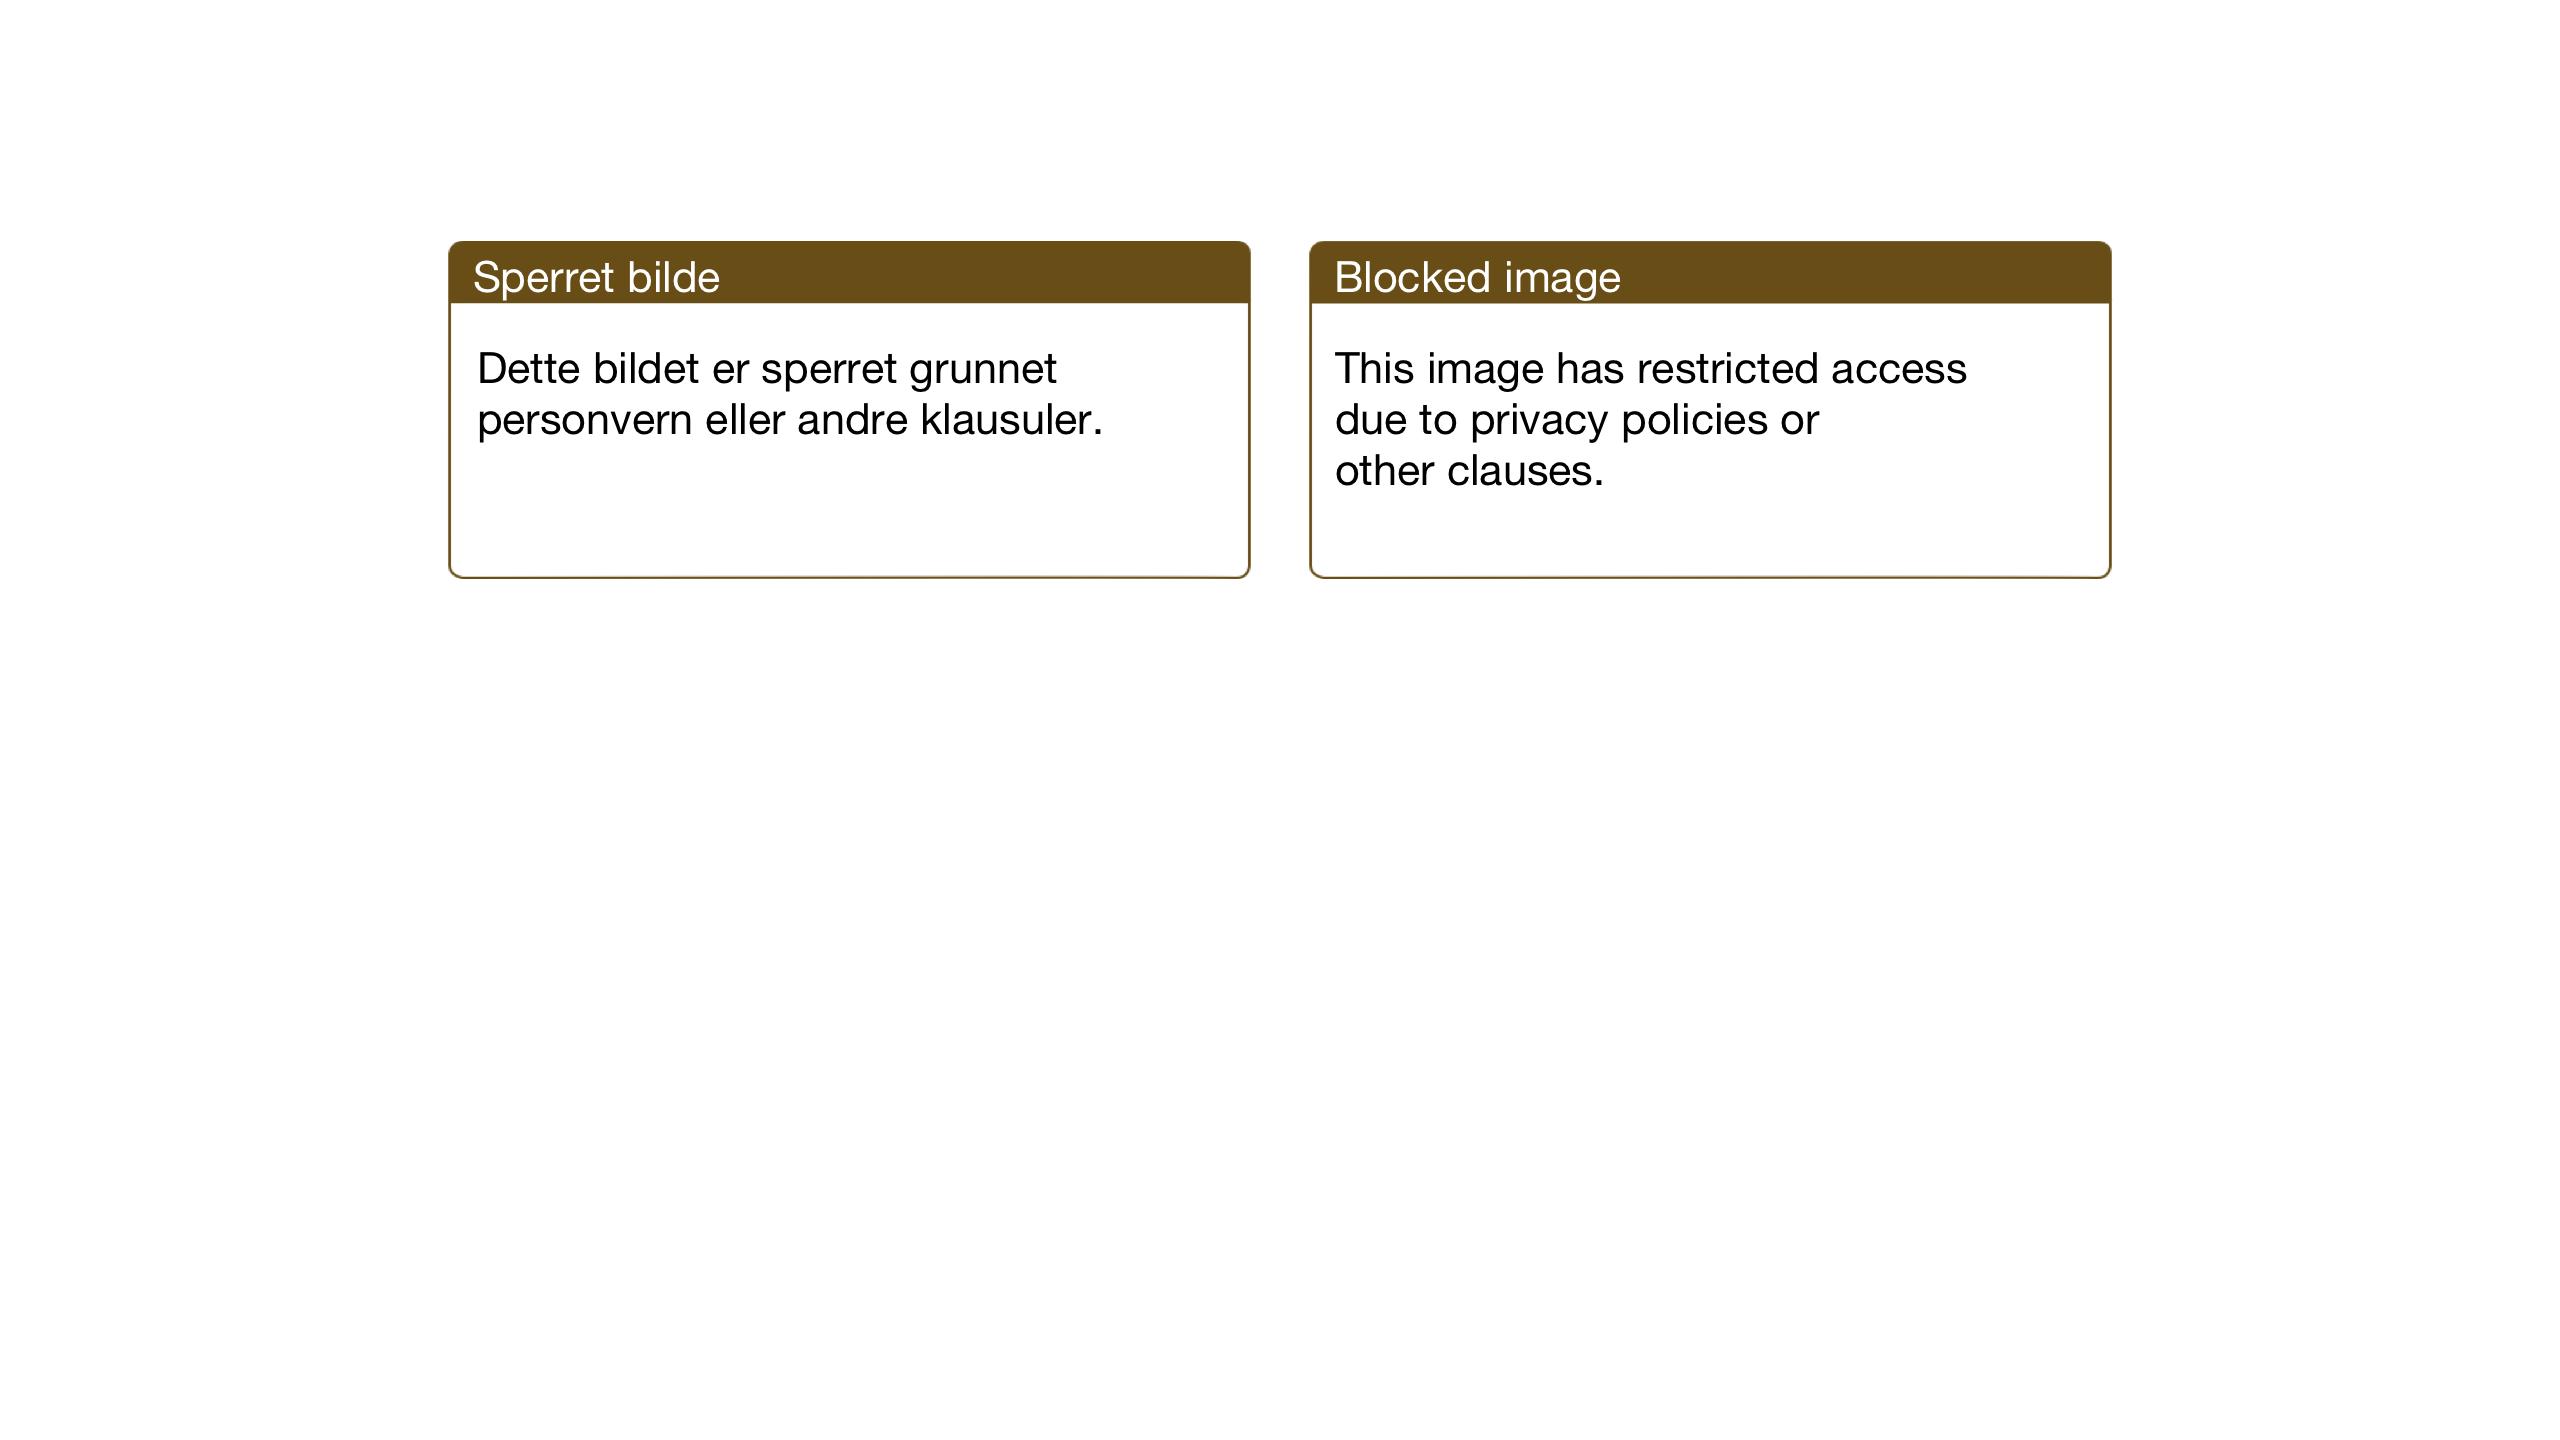 SAT, Ministerialprotokoller, klokkerbøker og fødselsregistre - Sør-Trøndelag, 638/L0569: Klokkerbok nr. 638C01, 1923-1961, s. 101